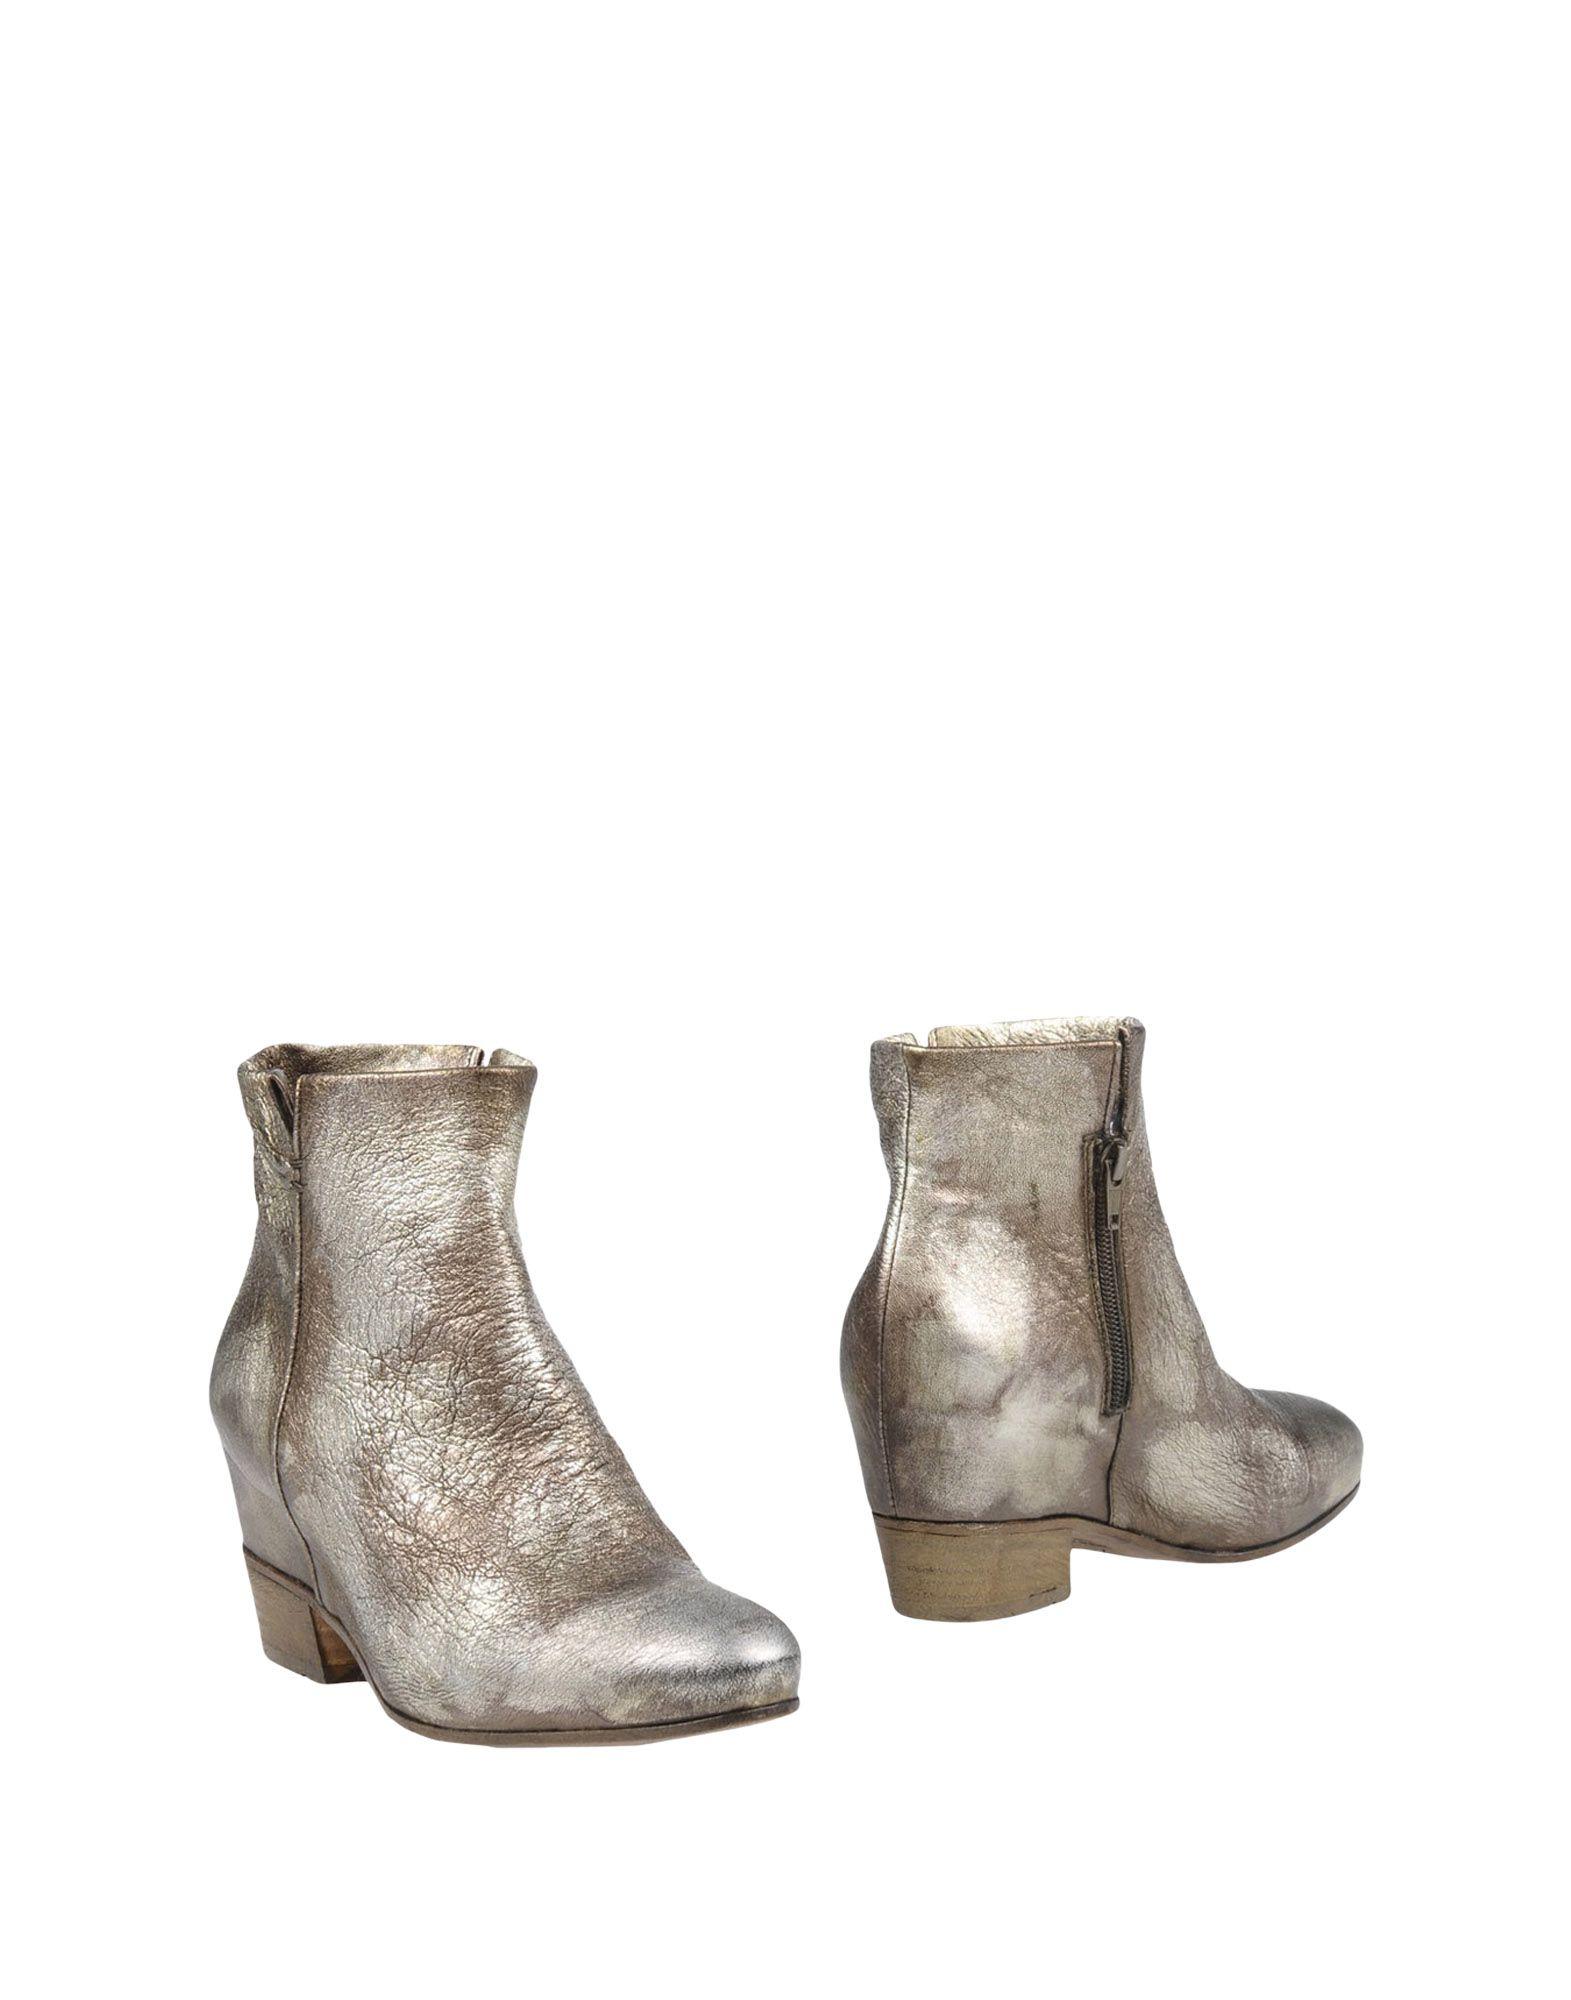 Garrice Stiefelette Damen  11420435KC Gute Qualität beliebte Schuhe